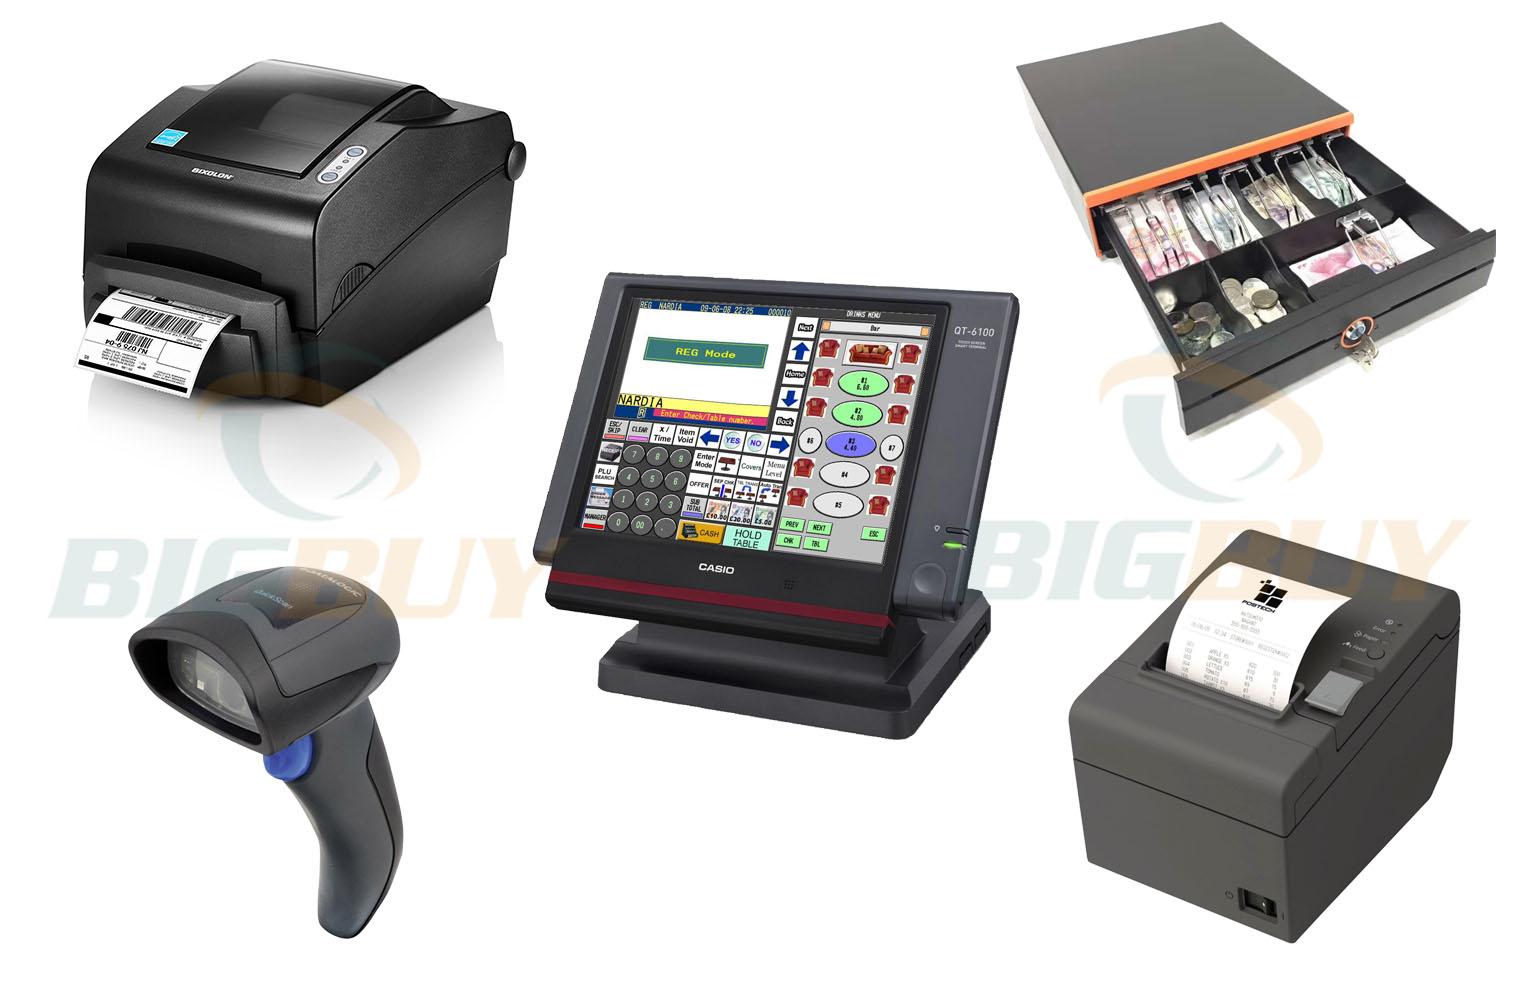 Thuê các thiết bị tính tiền tại Bigbuy.vn